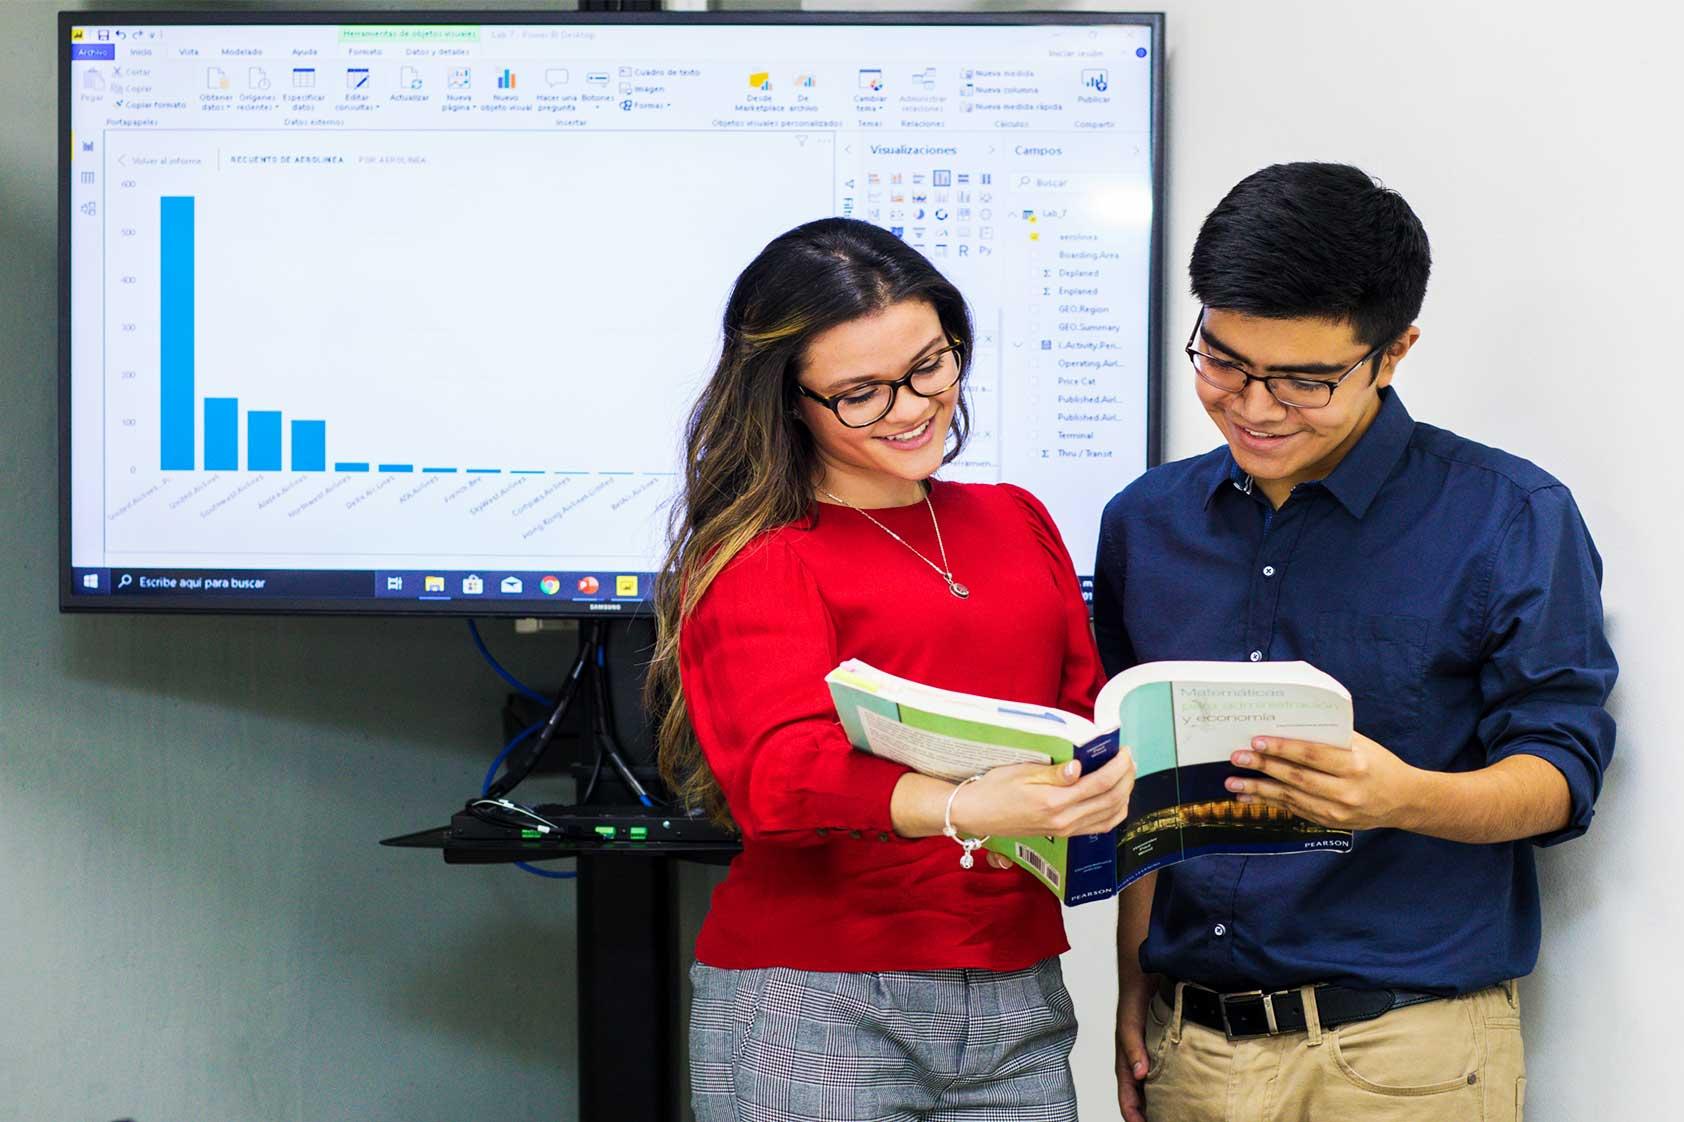 ¿Por qué estudiar nuestra nueva carrera en Administración con Especialización en Transformación Digital?